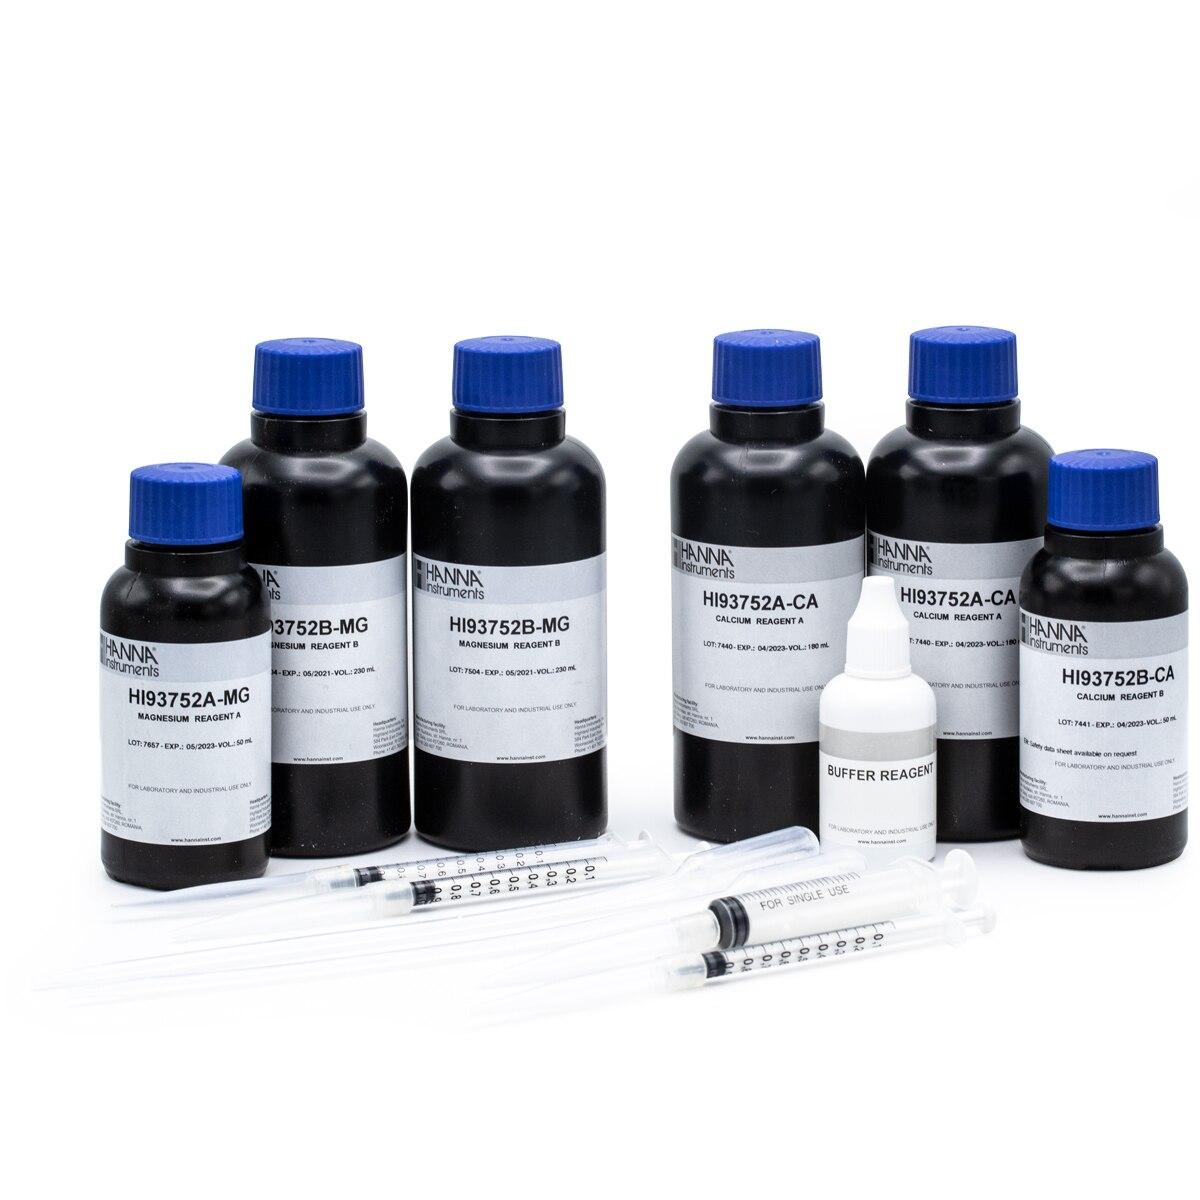 HI93752 calcium and magnesium reagents